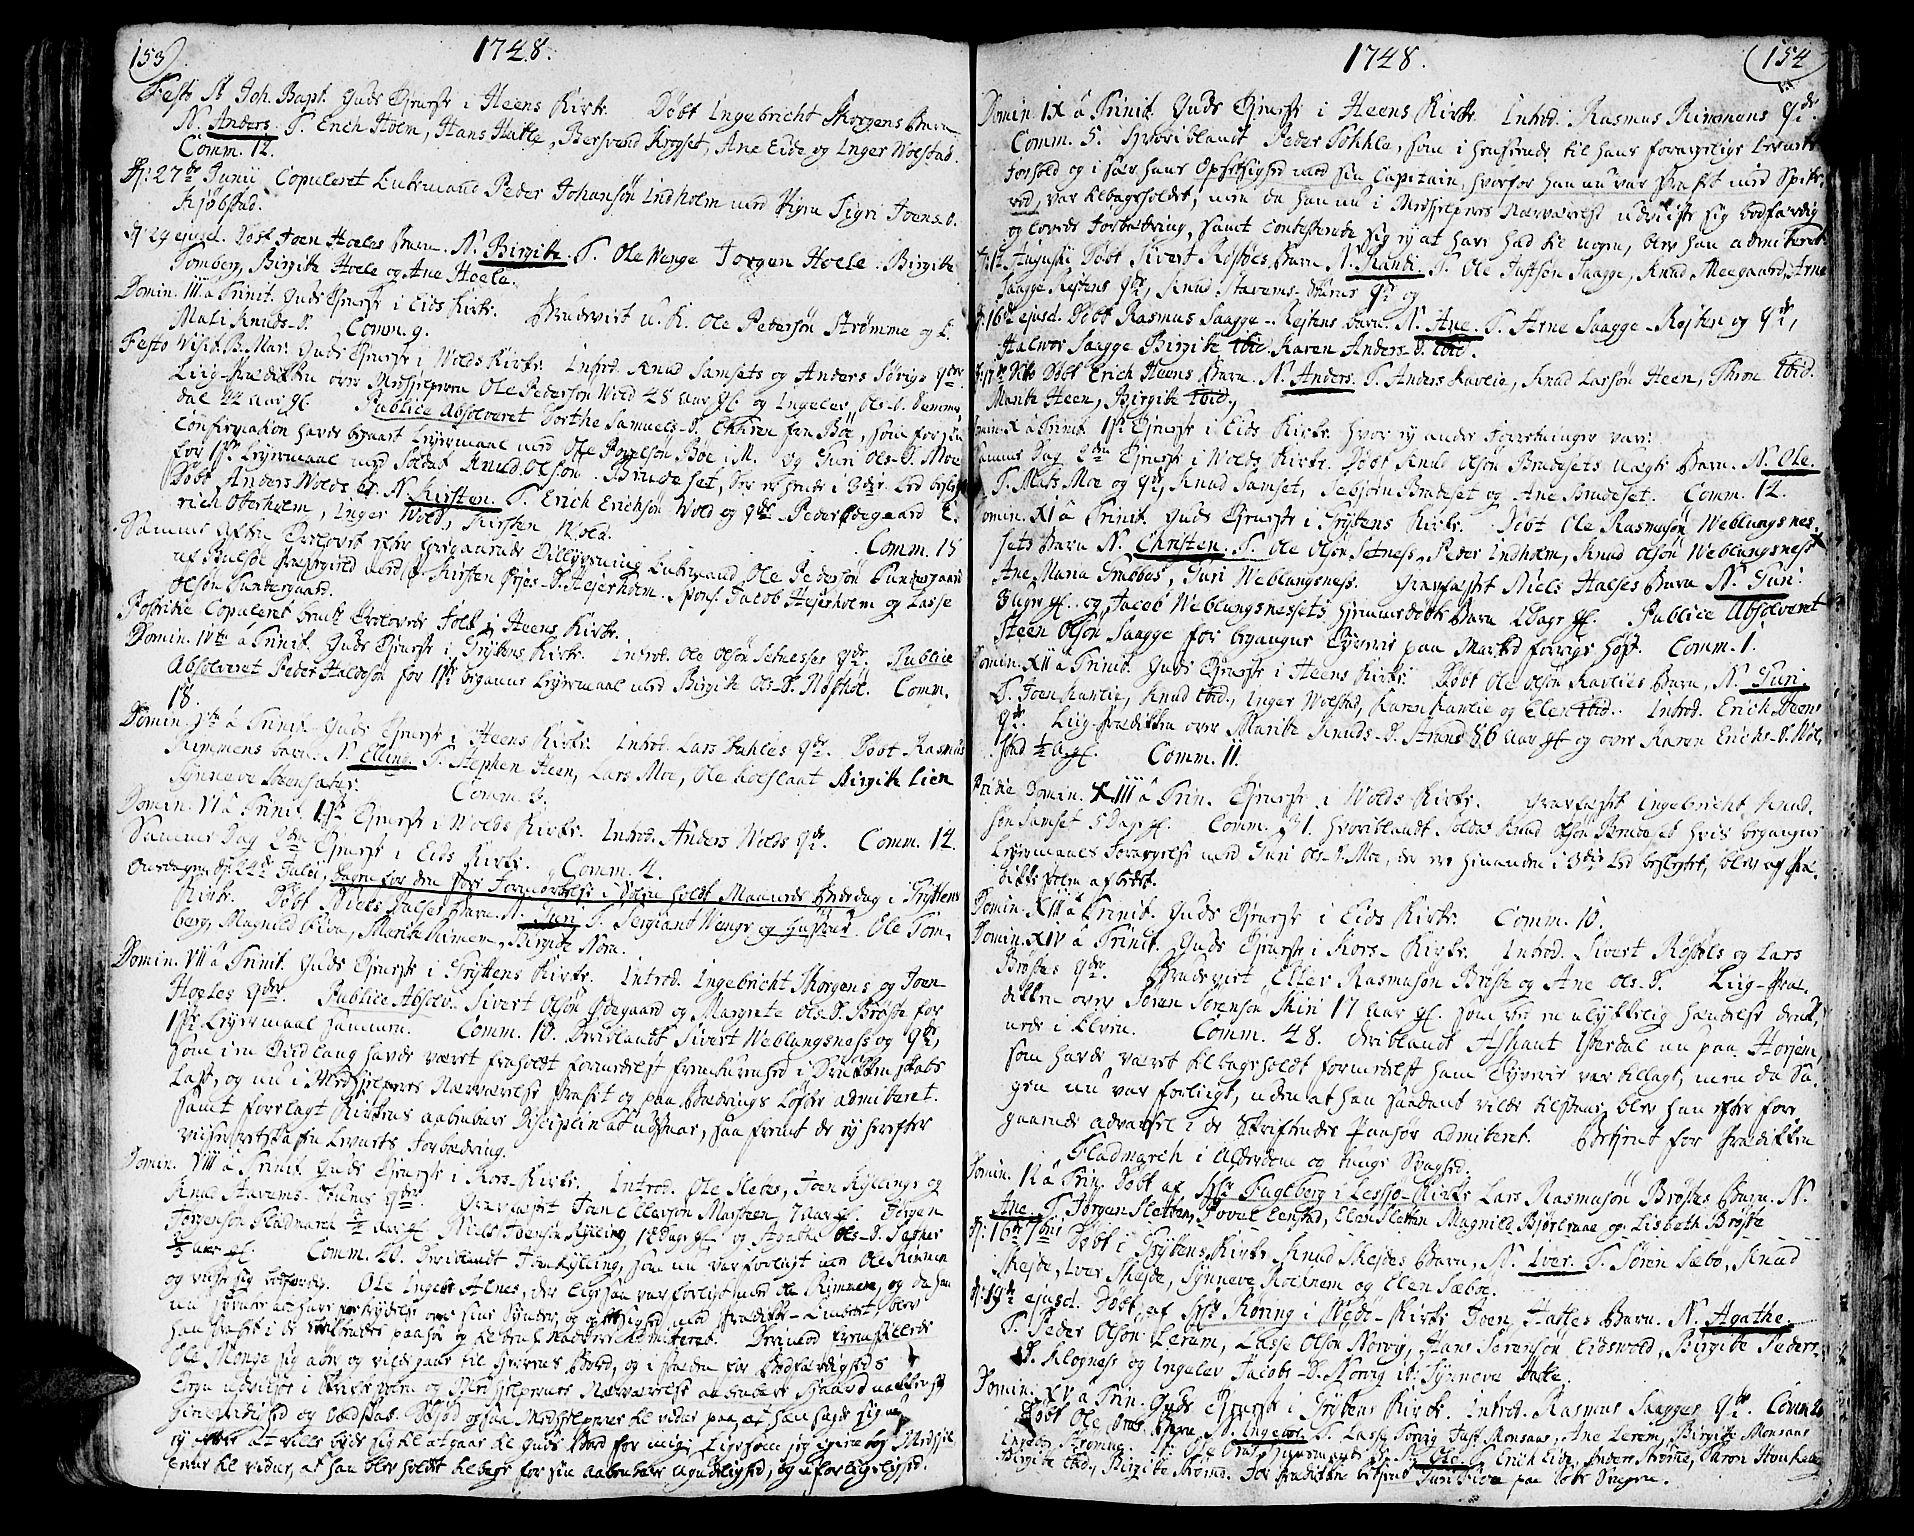 SAT, Ministerialprotokoller, klokkerbøker og fødselsregistre - Møre og Romsdal, 544/L0568: Ministerialbok nr. 544A01, 1725-1763, s. 153-154